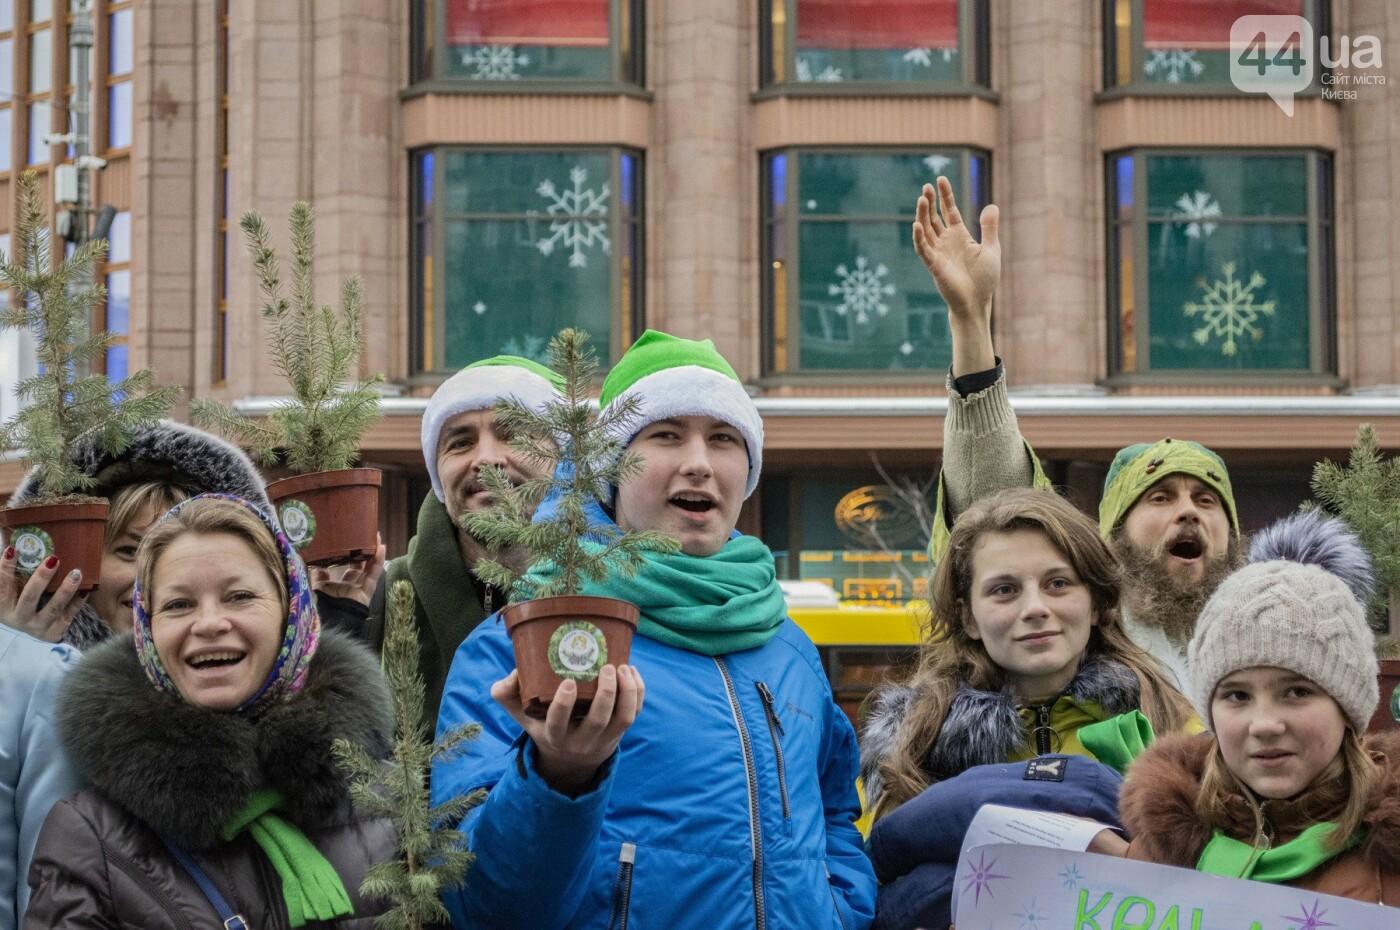 По Киеву прошли зеленые Деды Морозы и Снегурочки, - ФОТОРЕПОРТАЖ, фото-2